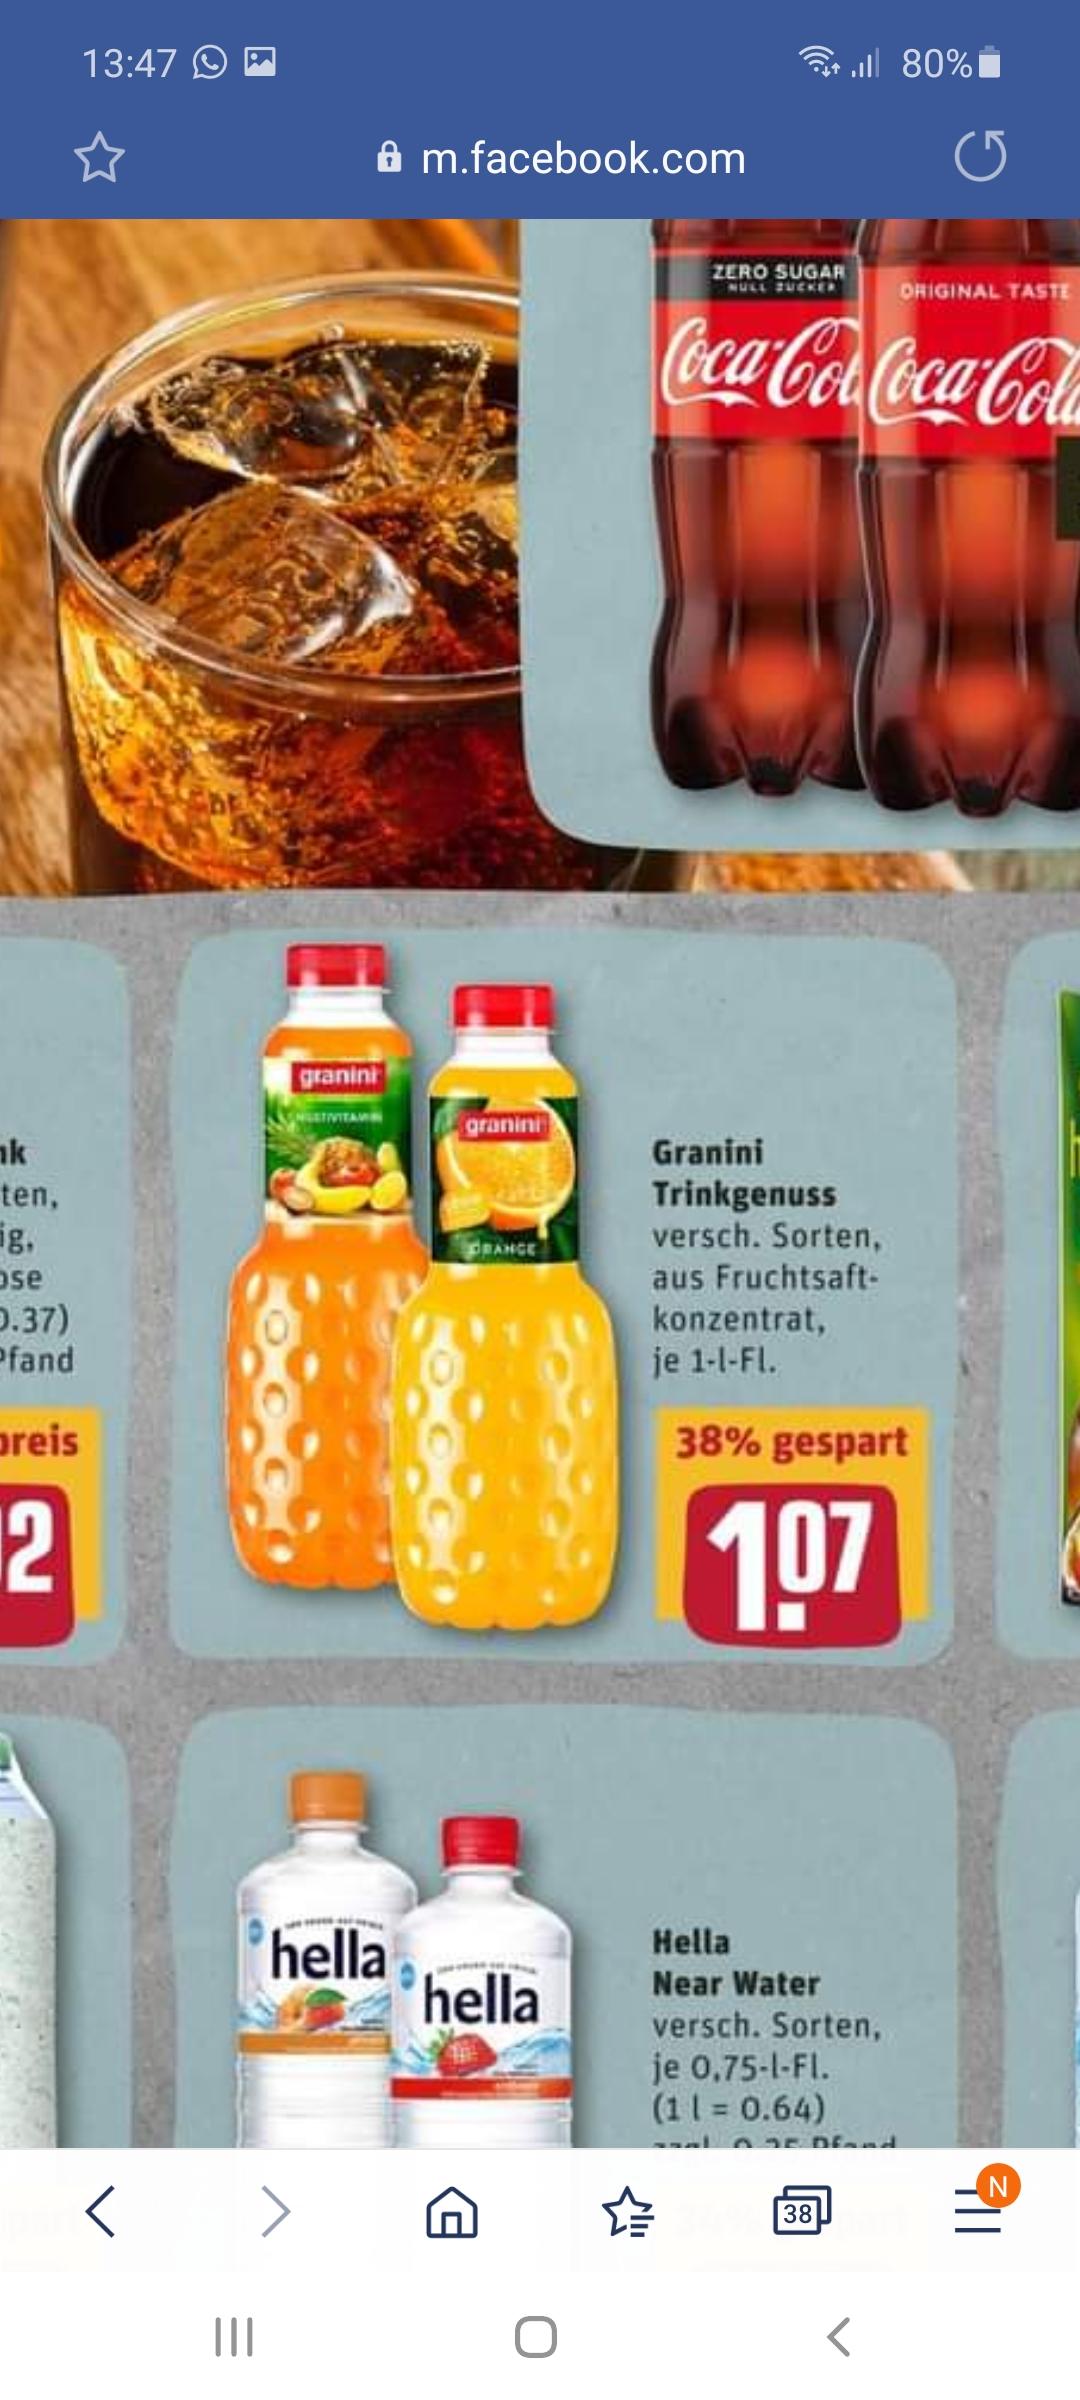 Granini Saft 1l mit Payback für 0,57€ -personalisiert- oder 0,75 l Granini Sensation mit Payback, Scondoo und Coupies mit Gewinn!